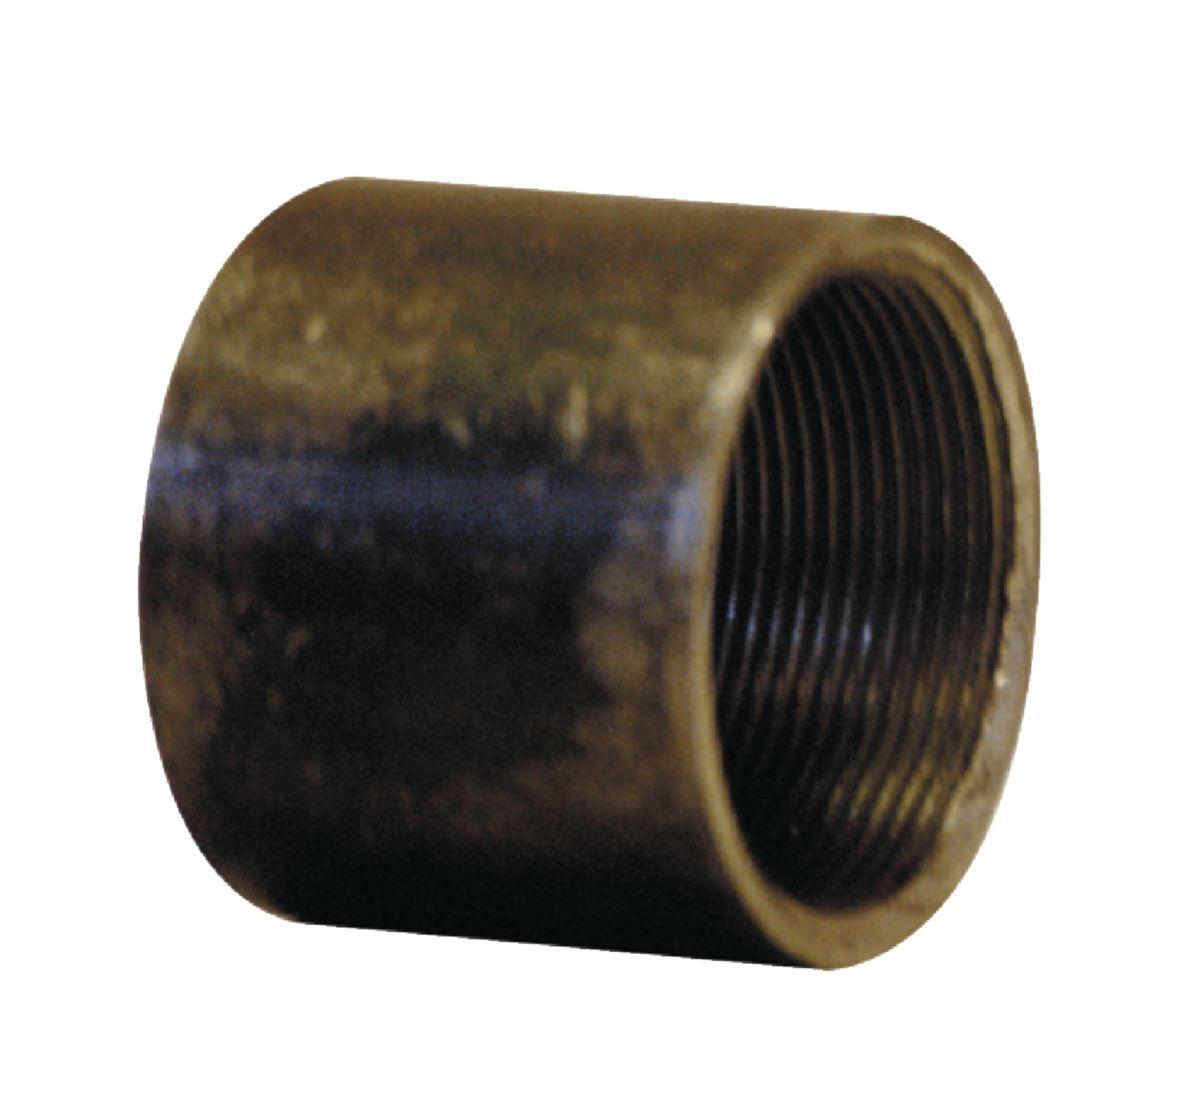 Manchon 2701 tube soudé filetage cylindrique longueur 26mm galva D12x17 réf 2701012G